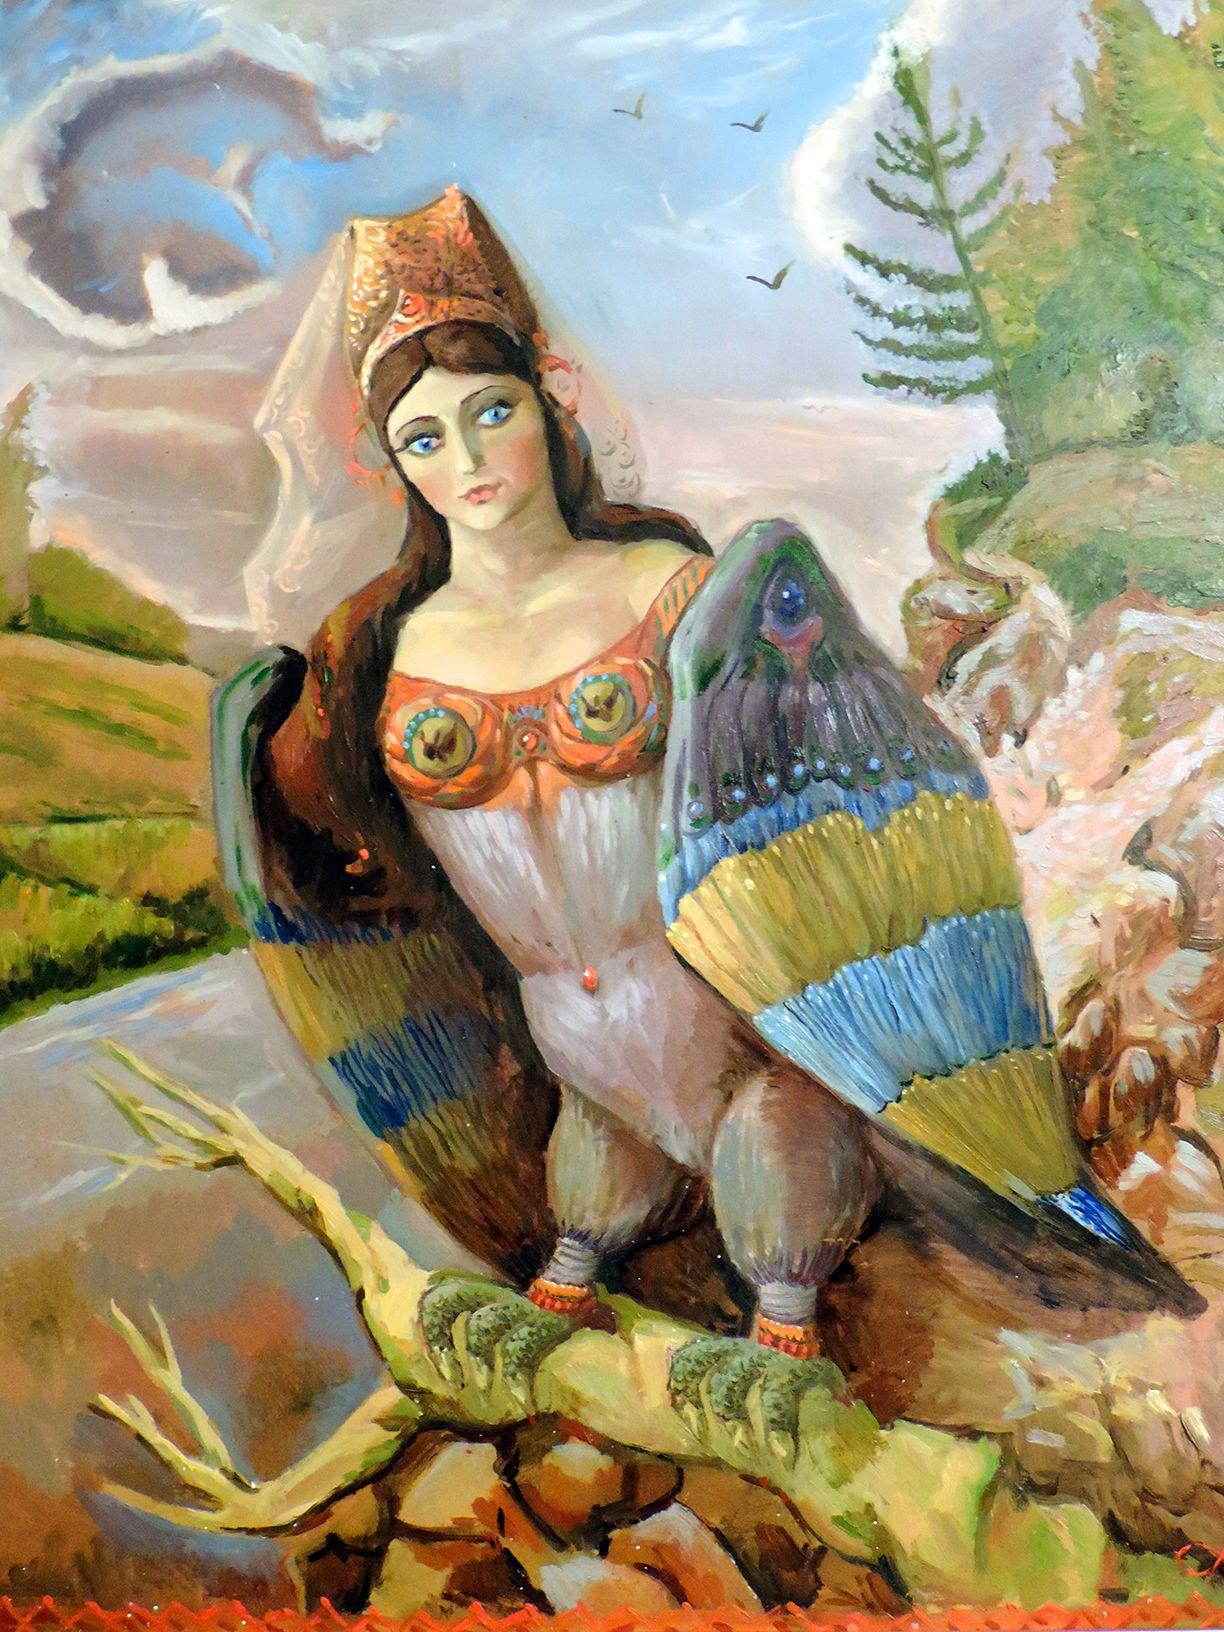 птица в славянской мифологии сирин картинка для получения